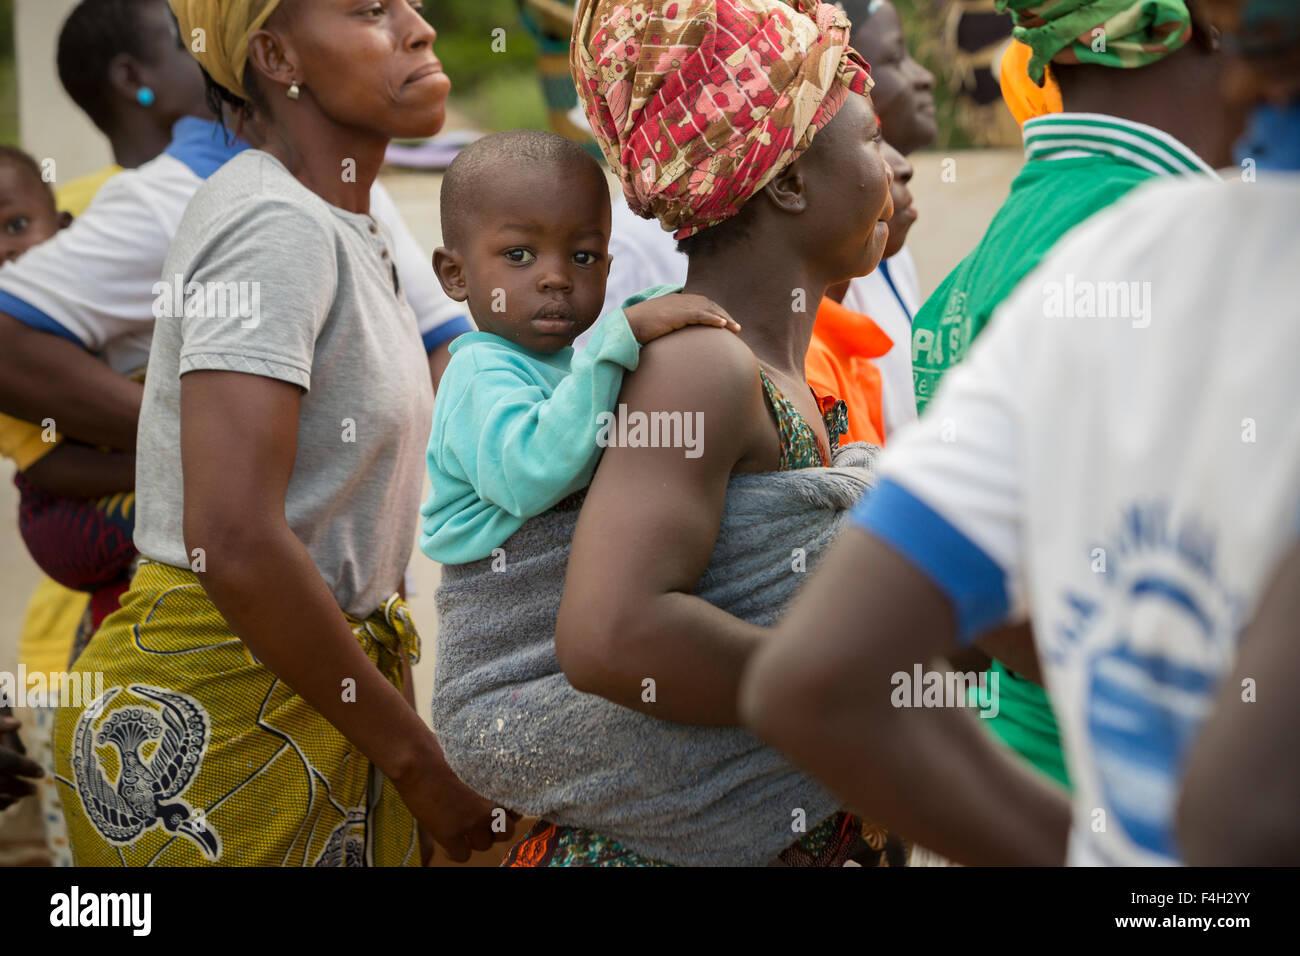 La madre y el niño en la aldea de Vea, Bolgatanga, distrito de Ghana. Imagen De Stock